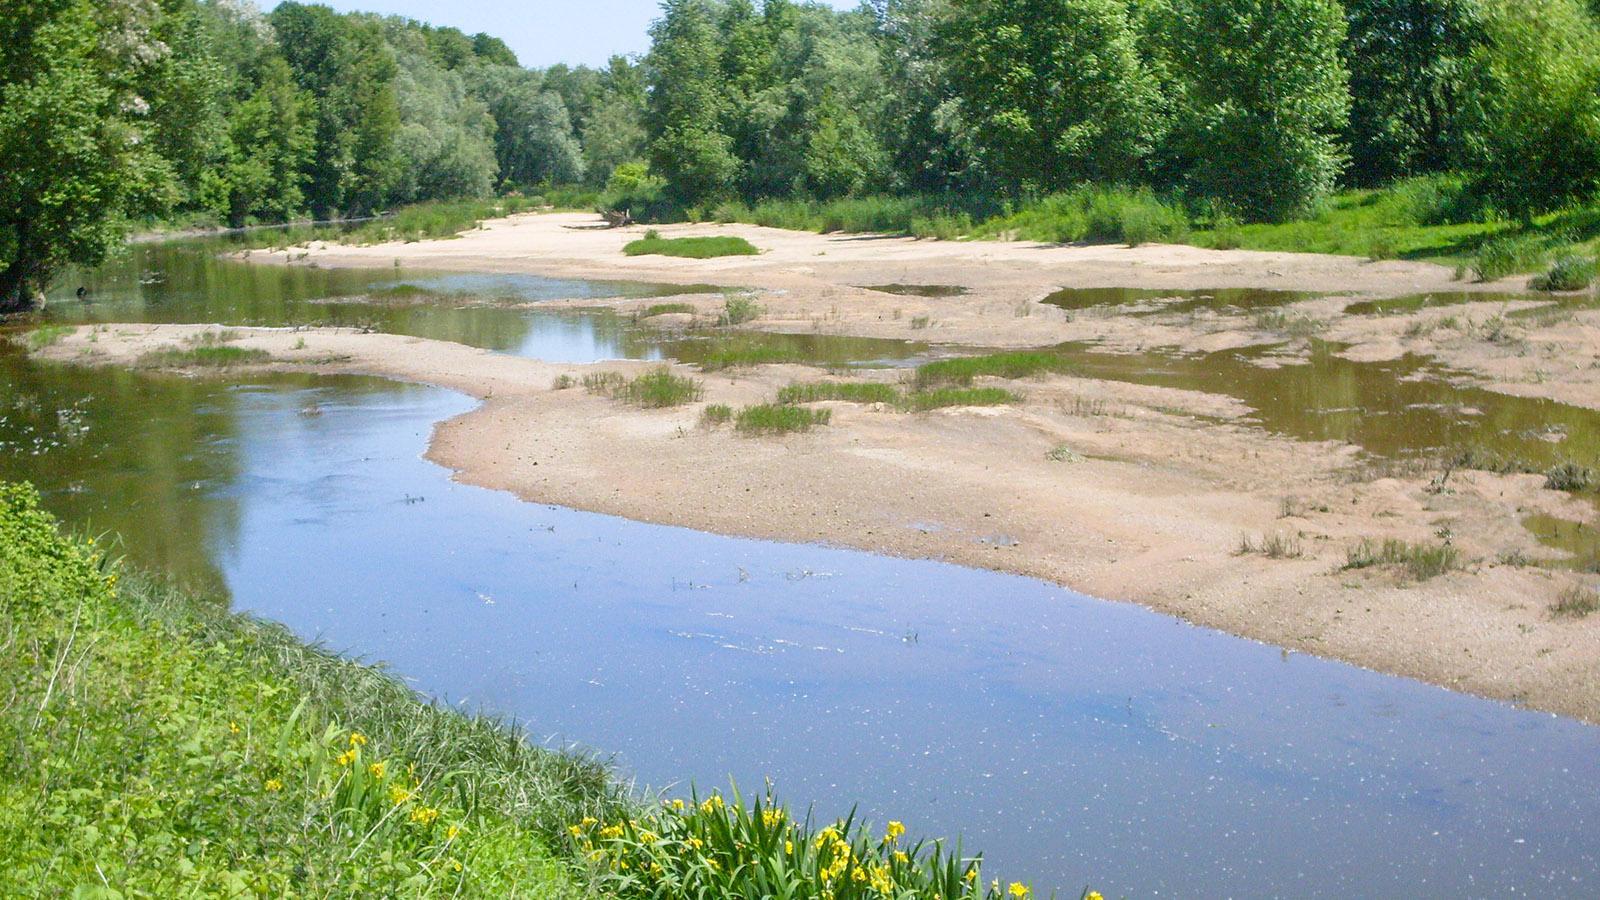 Idyllisch und naturnah - eine Seitenarm der Loire be Luynes. Foto: Hilke Maunder